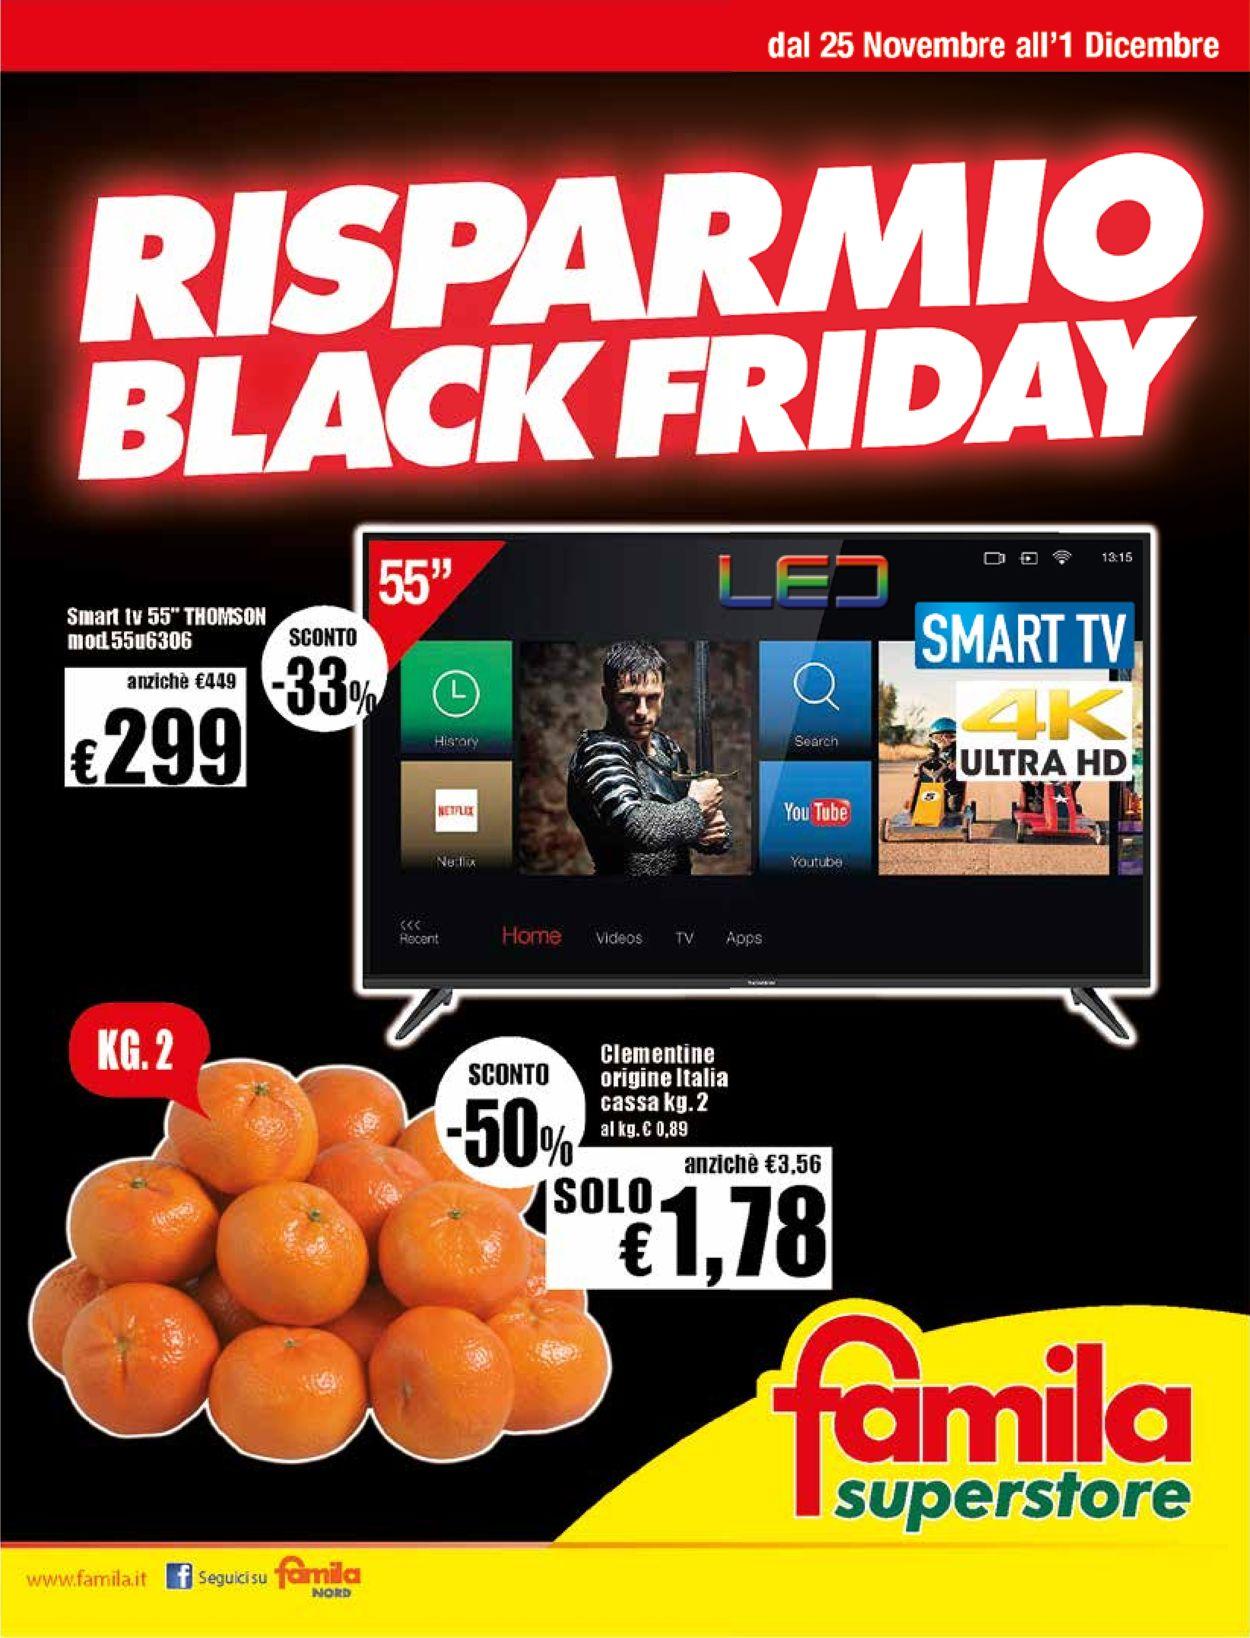 Volantino Famila - Black Friday 2019 - Offerte 25/11-01/12/2019